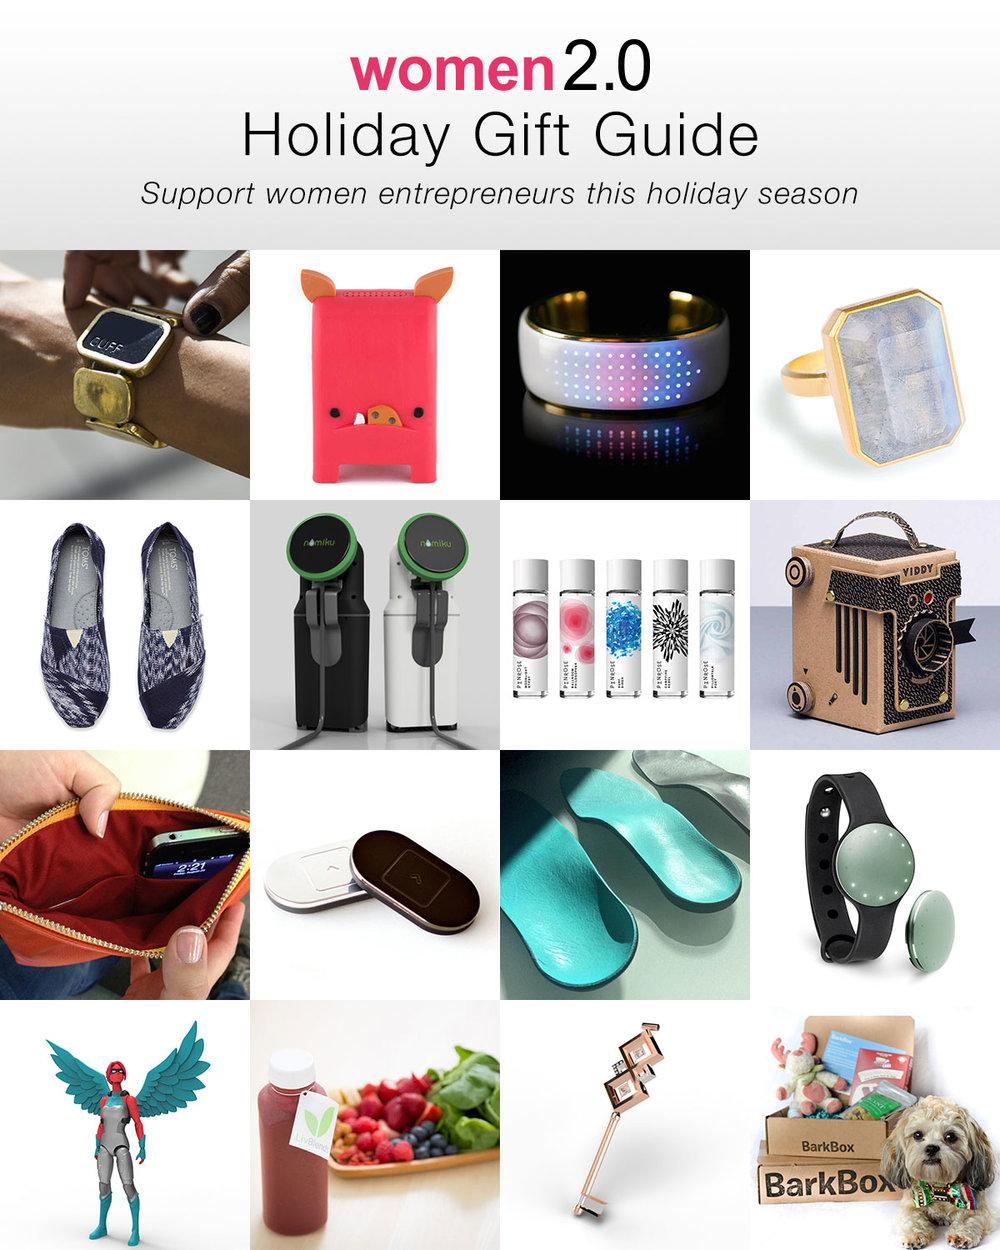 w2-gift-guide-2.jpg